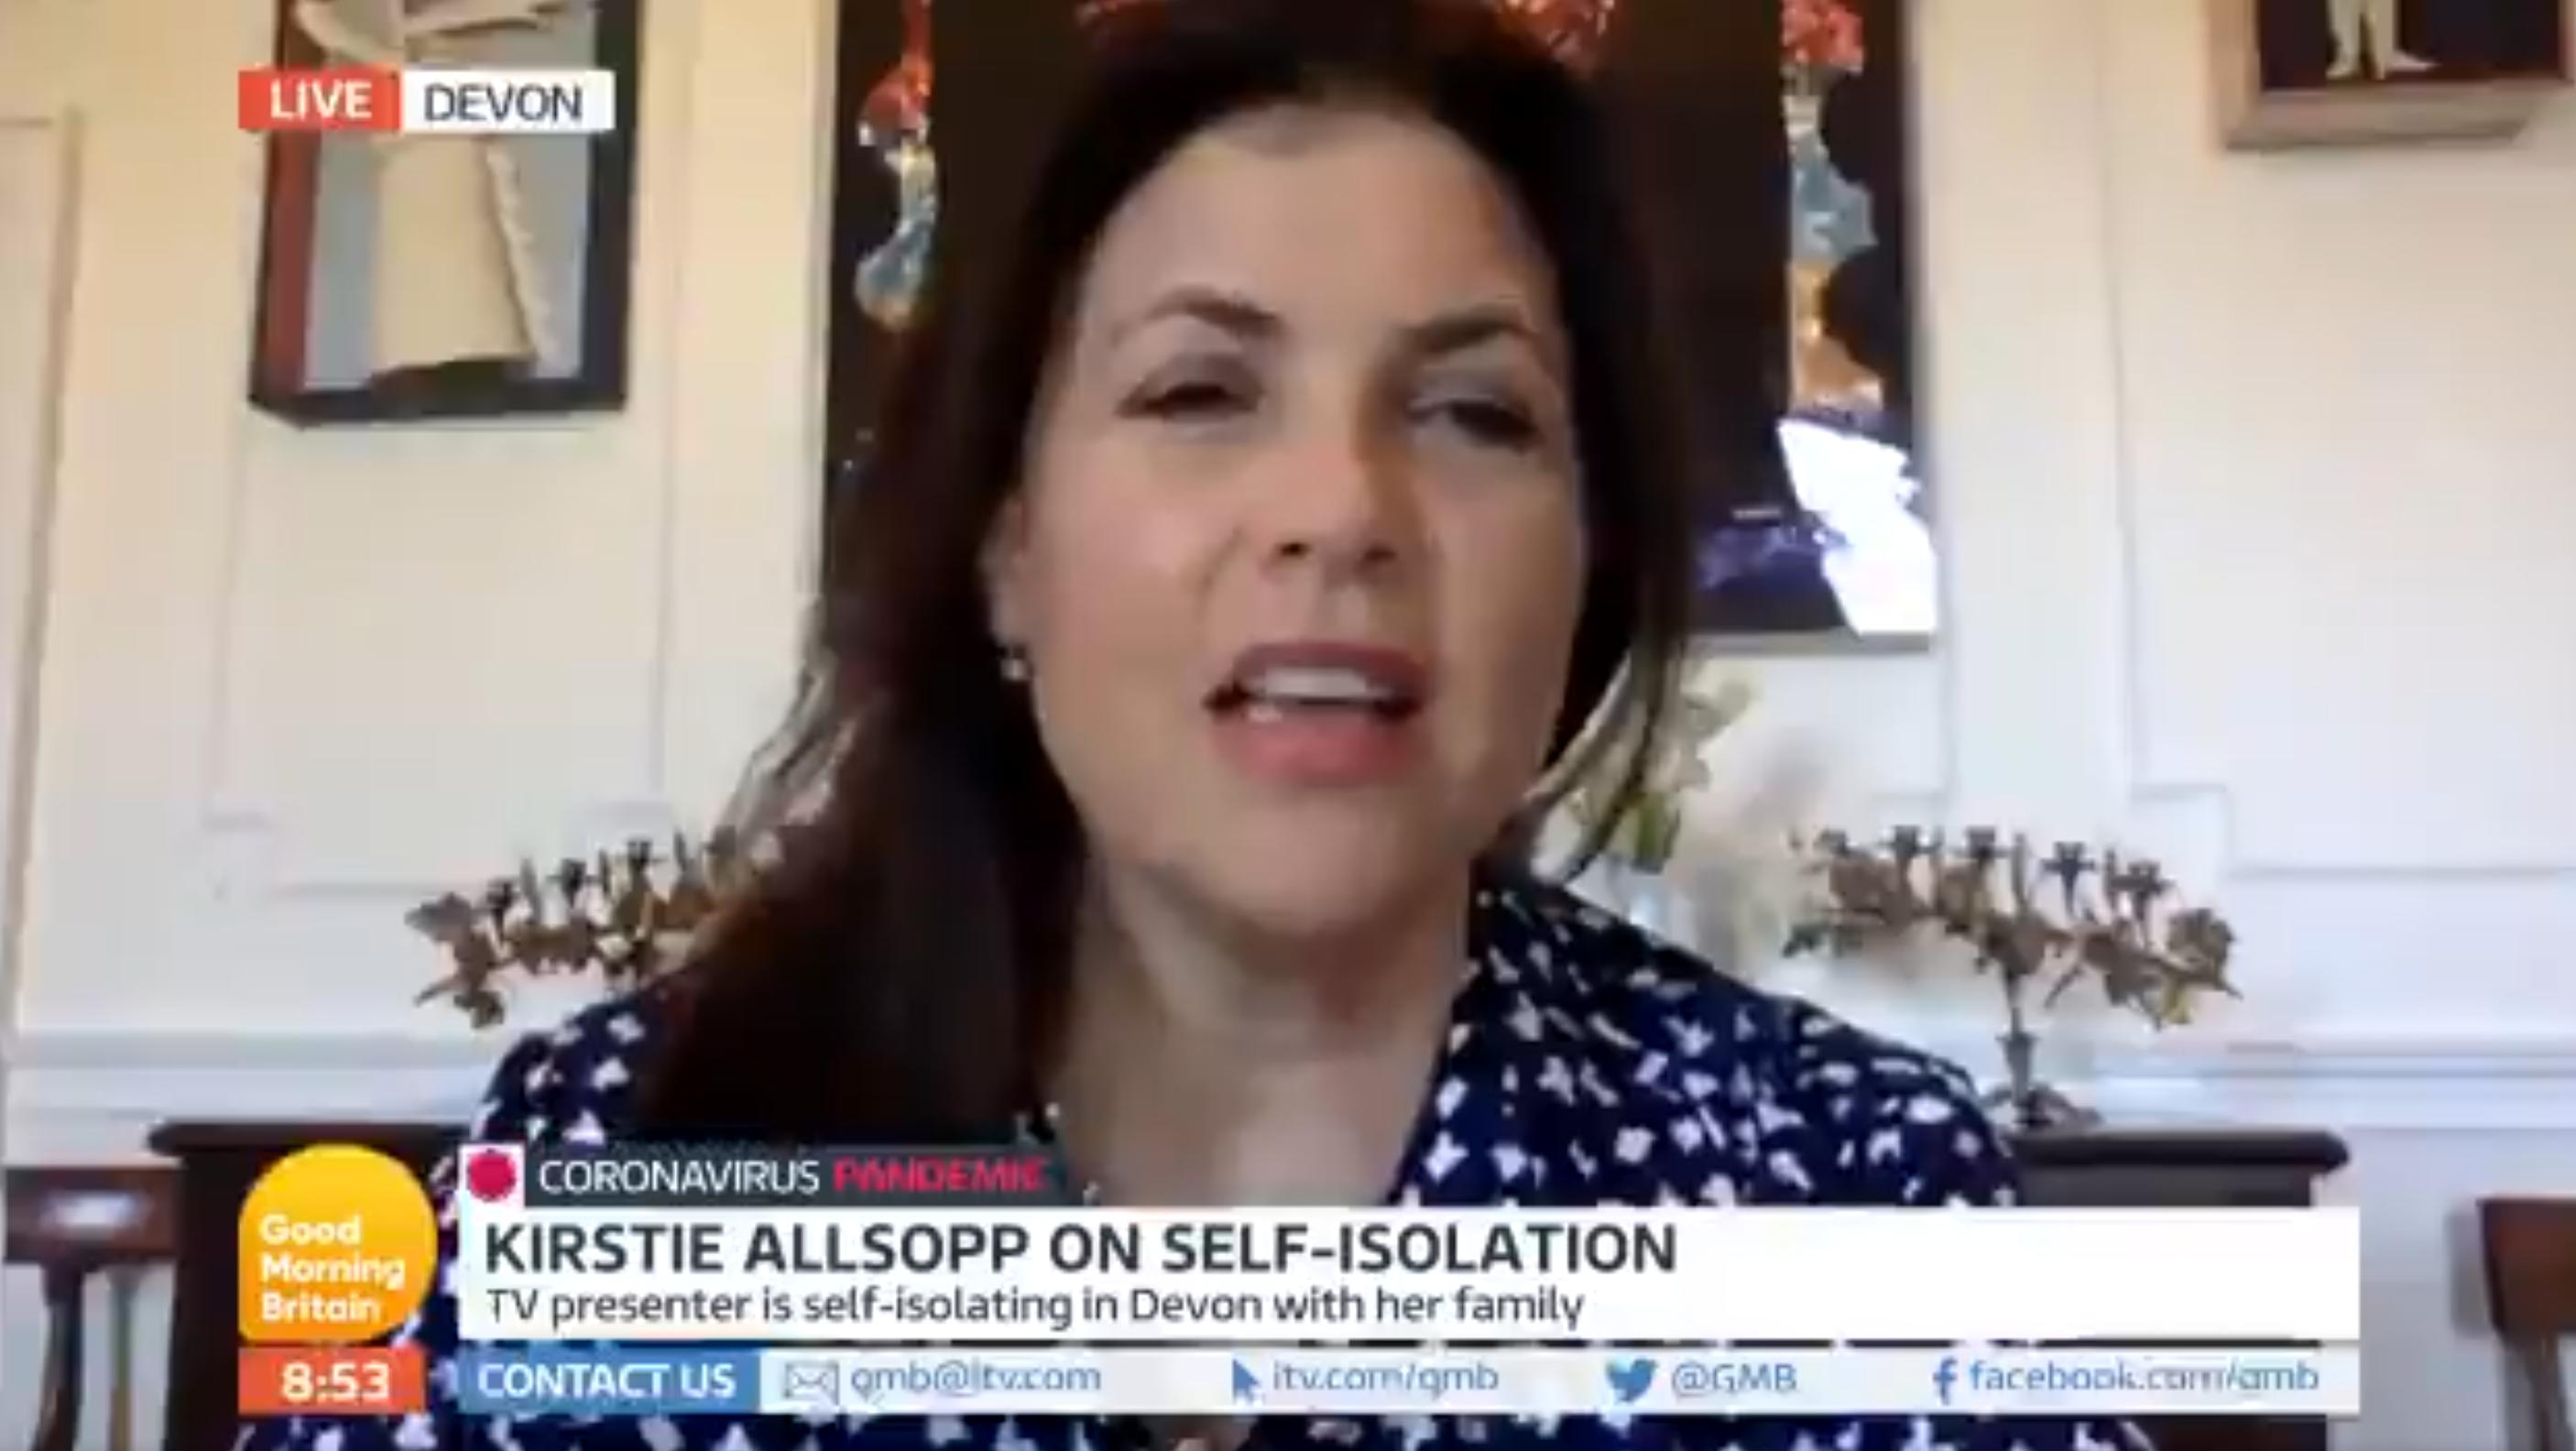 Kirstie Allsopp Good Morning Britain (Credit: ITV)